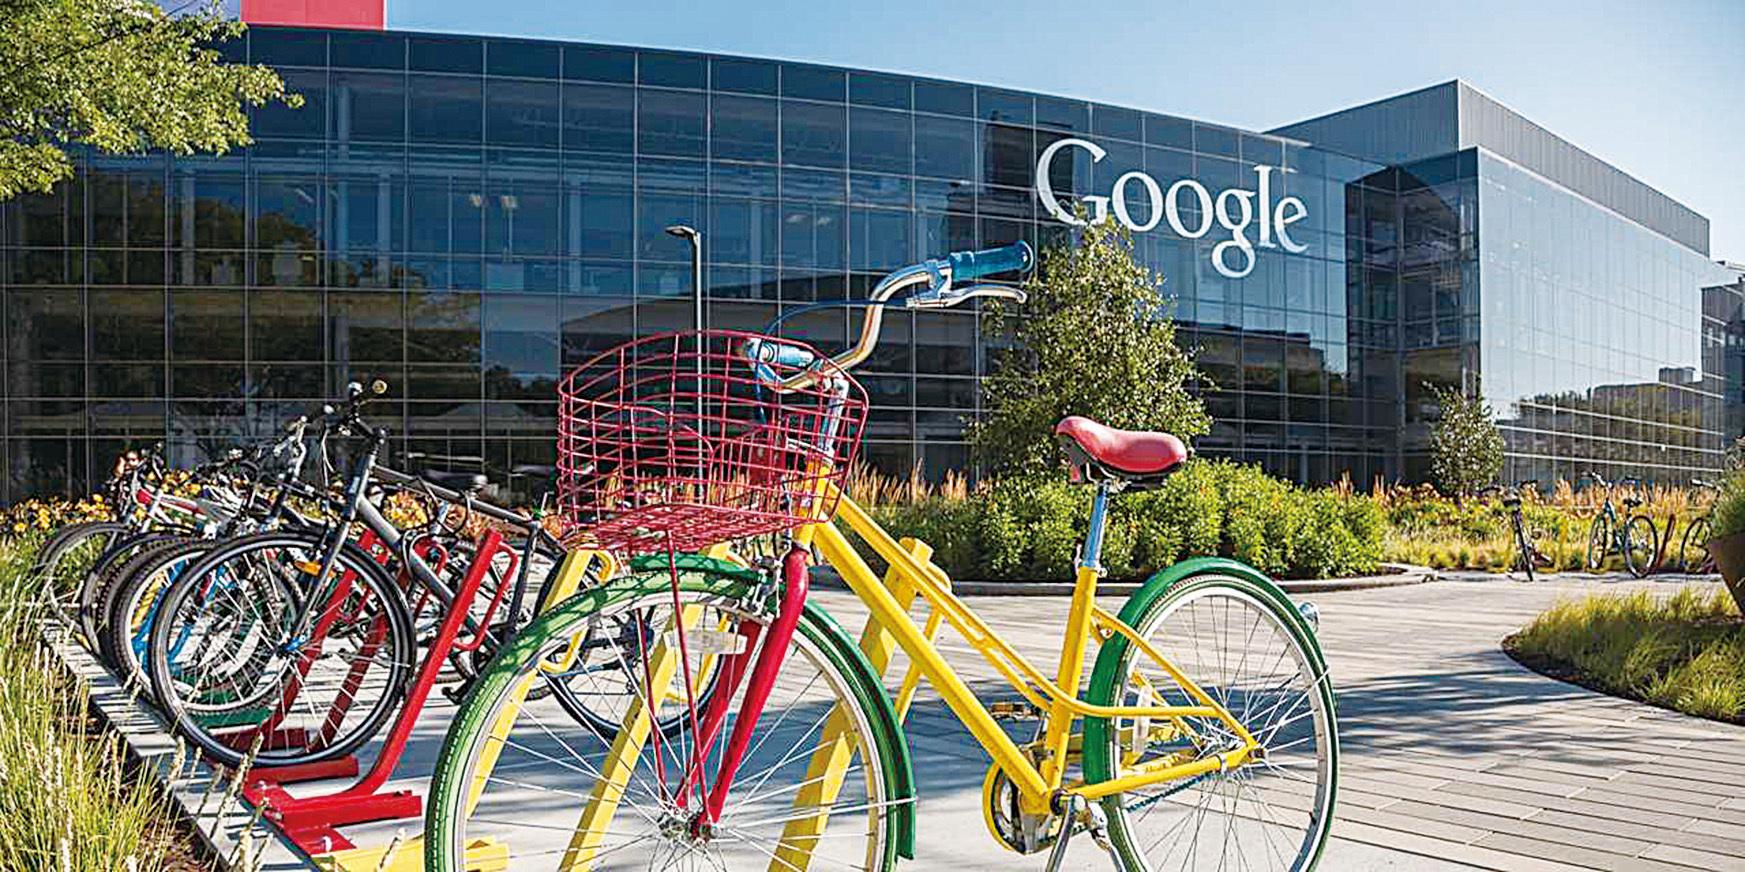 谷歌位於矽谷的公司提供免費單車,方便員工用來往返不同建築之間。